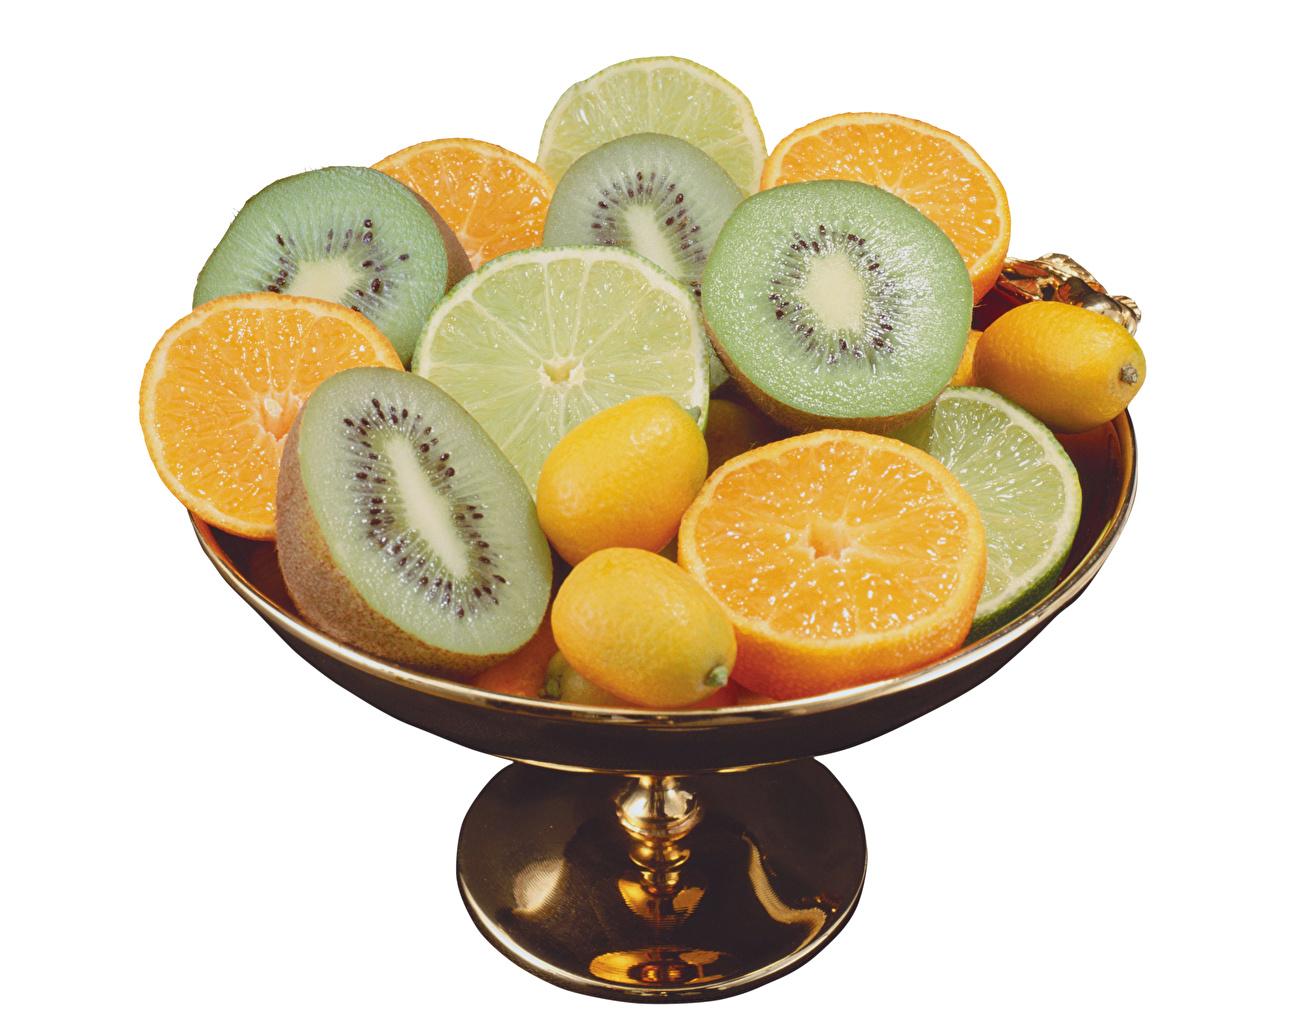 Фотографии Апельсин Киви Лимоны Еда Фрукты Белый фон Пища Продукты питания